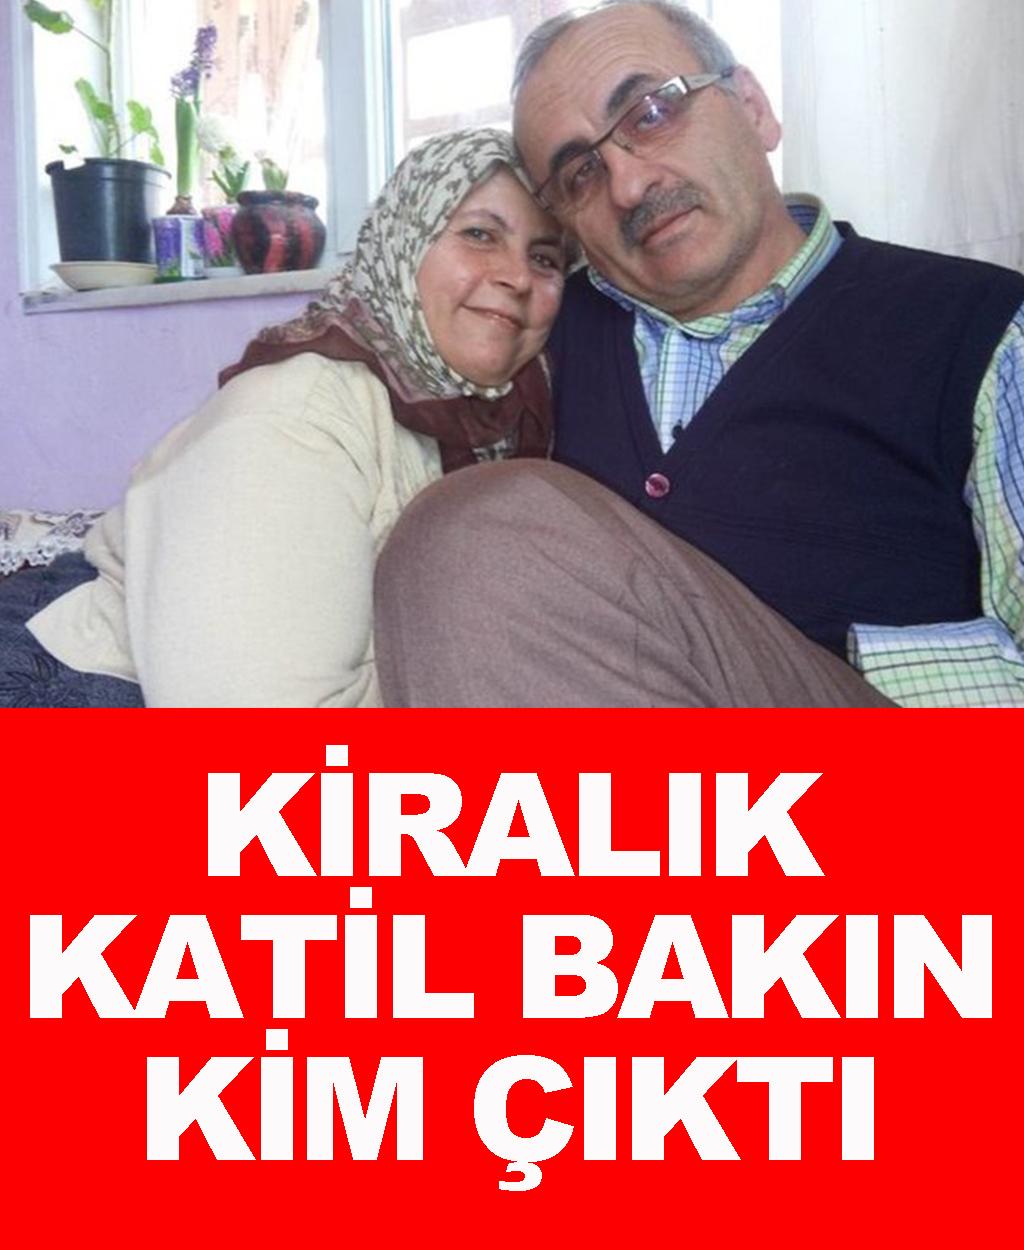 BAKIN KİM ÇIKTI - 1